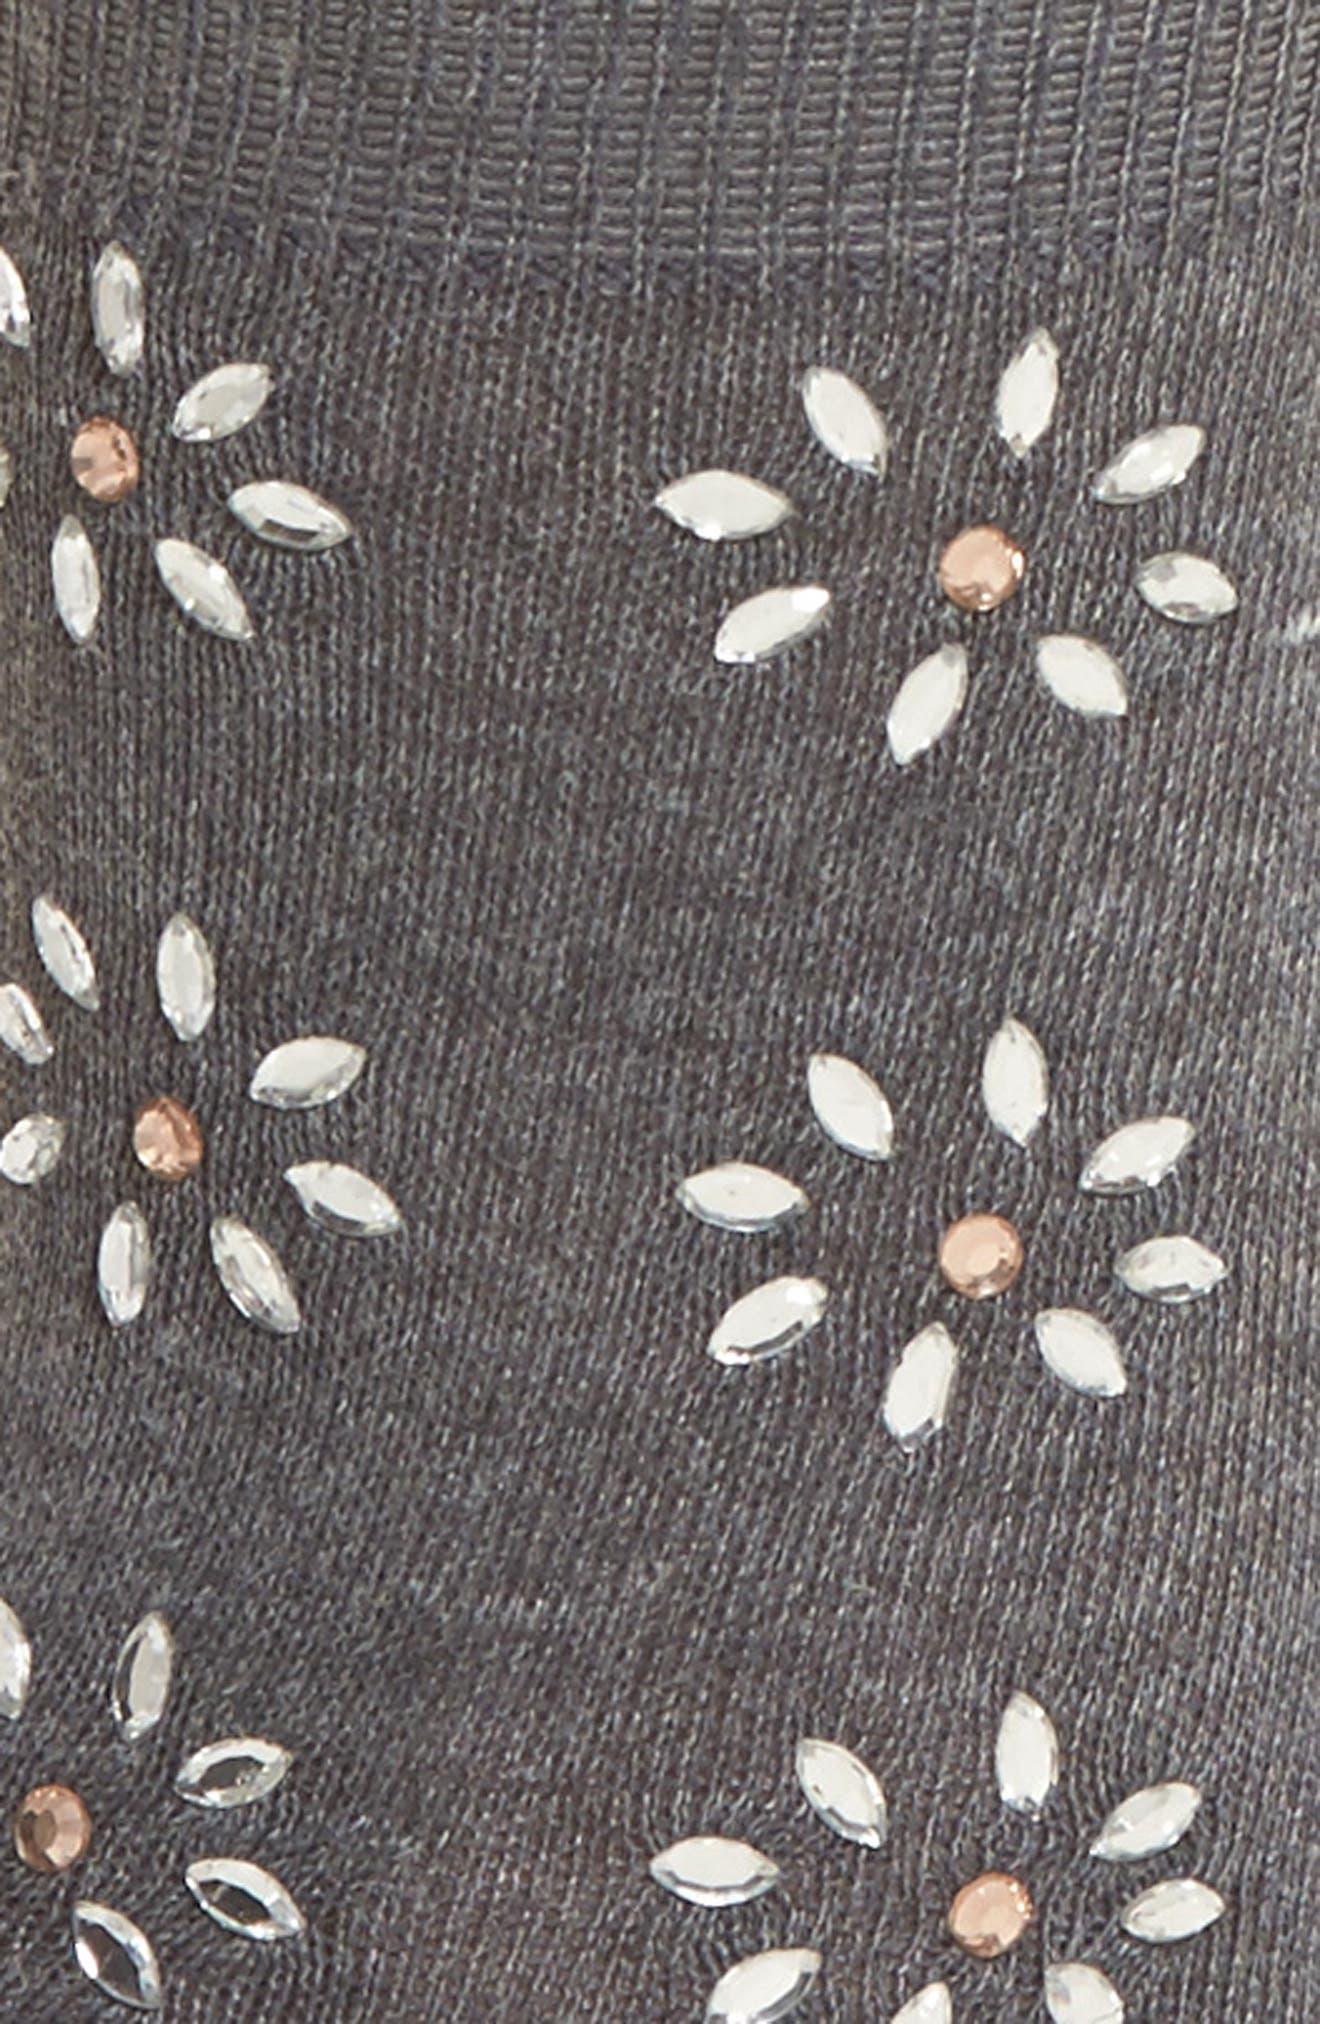 Crystal Flower Crew Socks,                             Alternate thumbnail 2, color,                             020